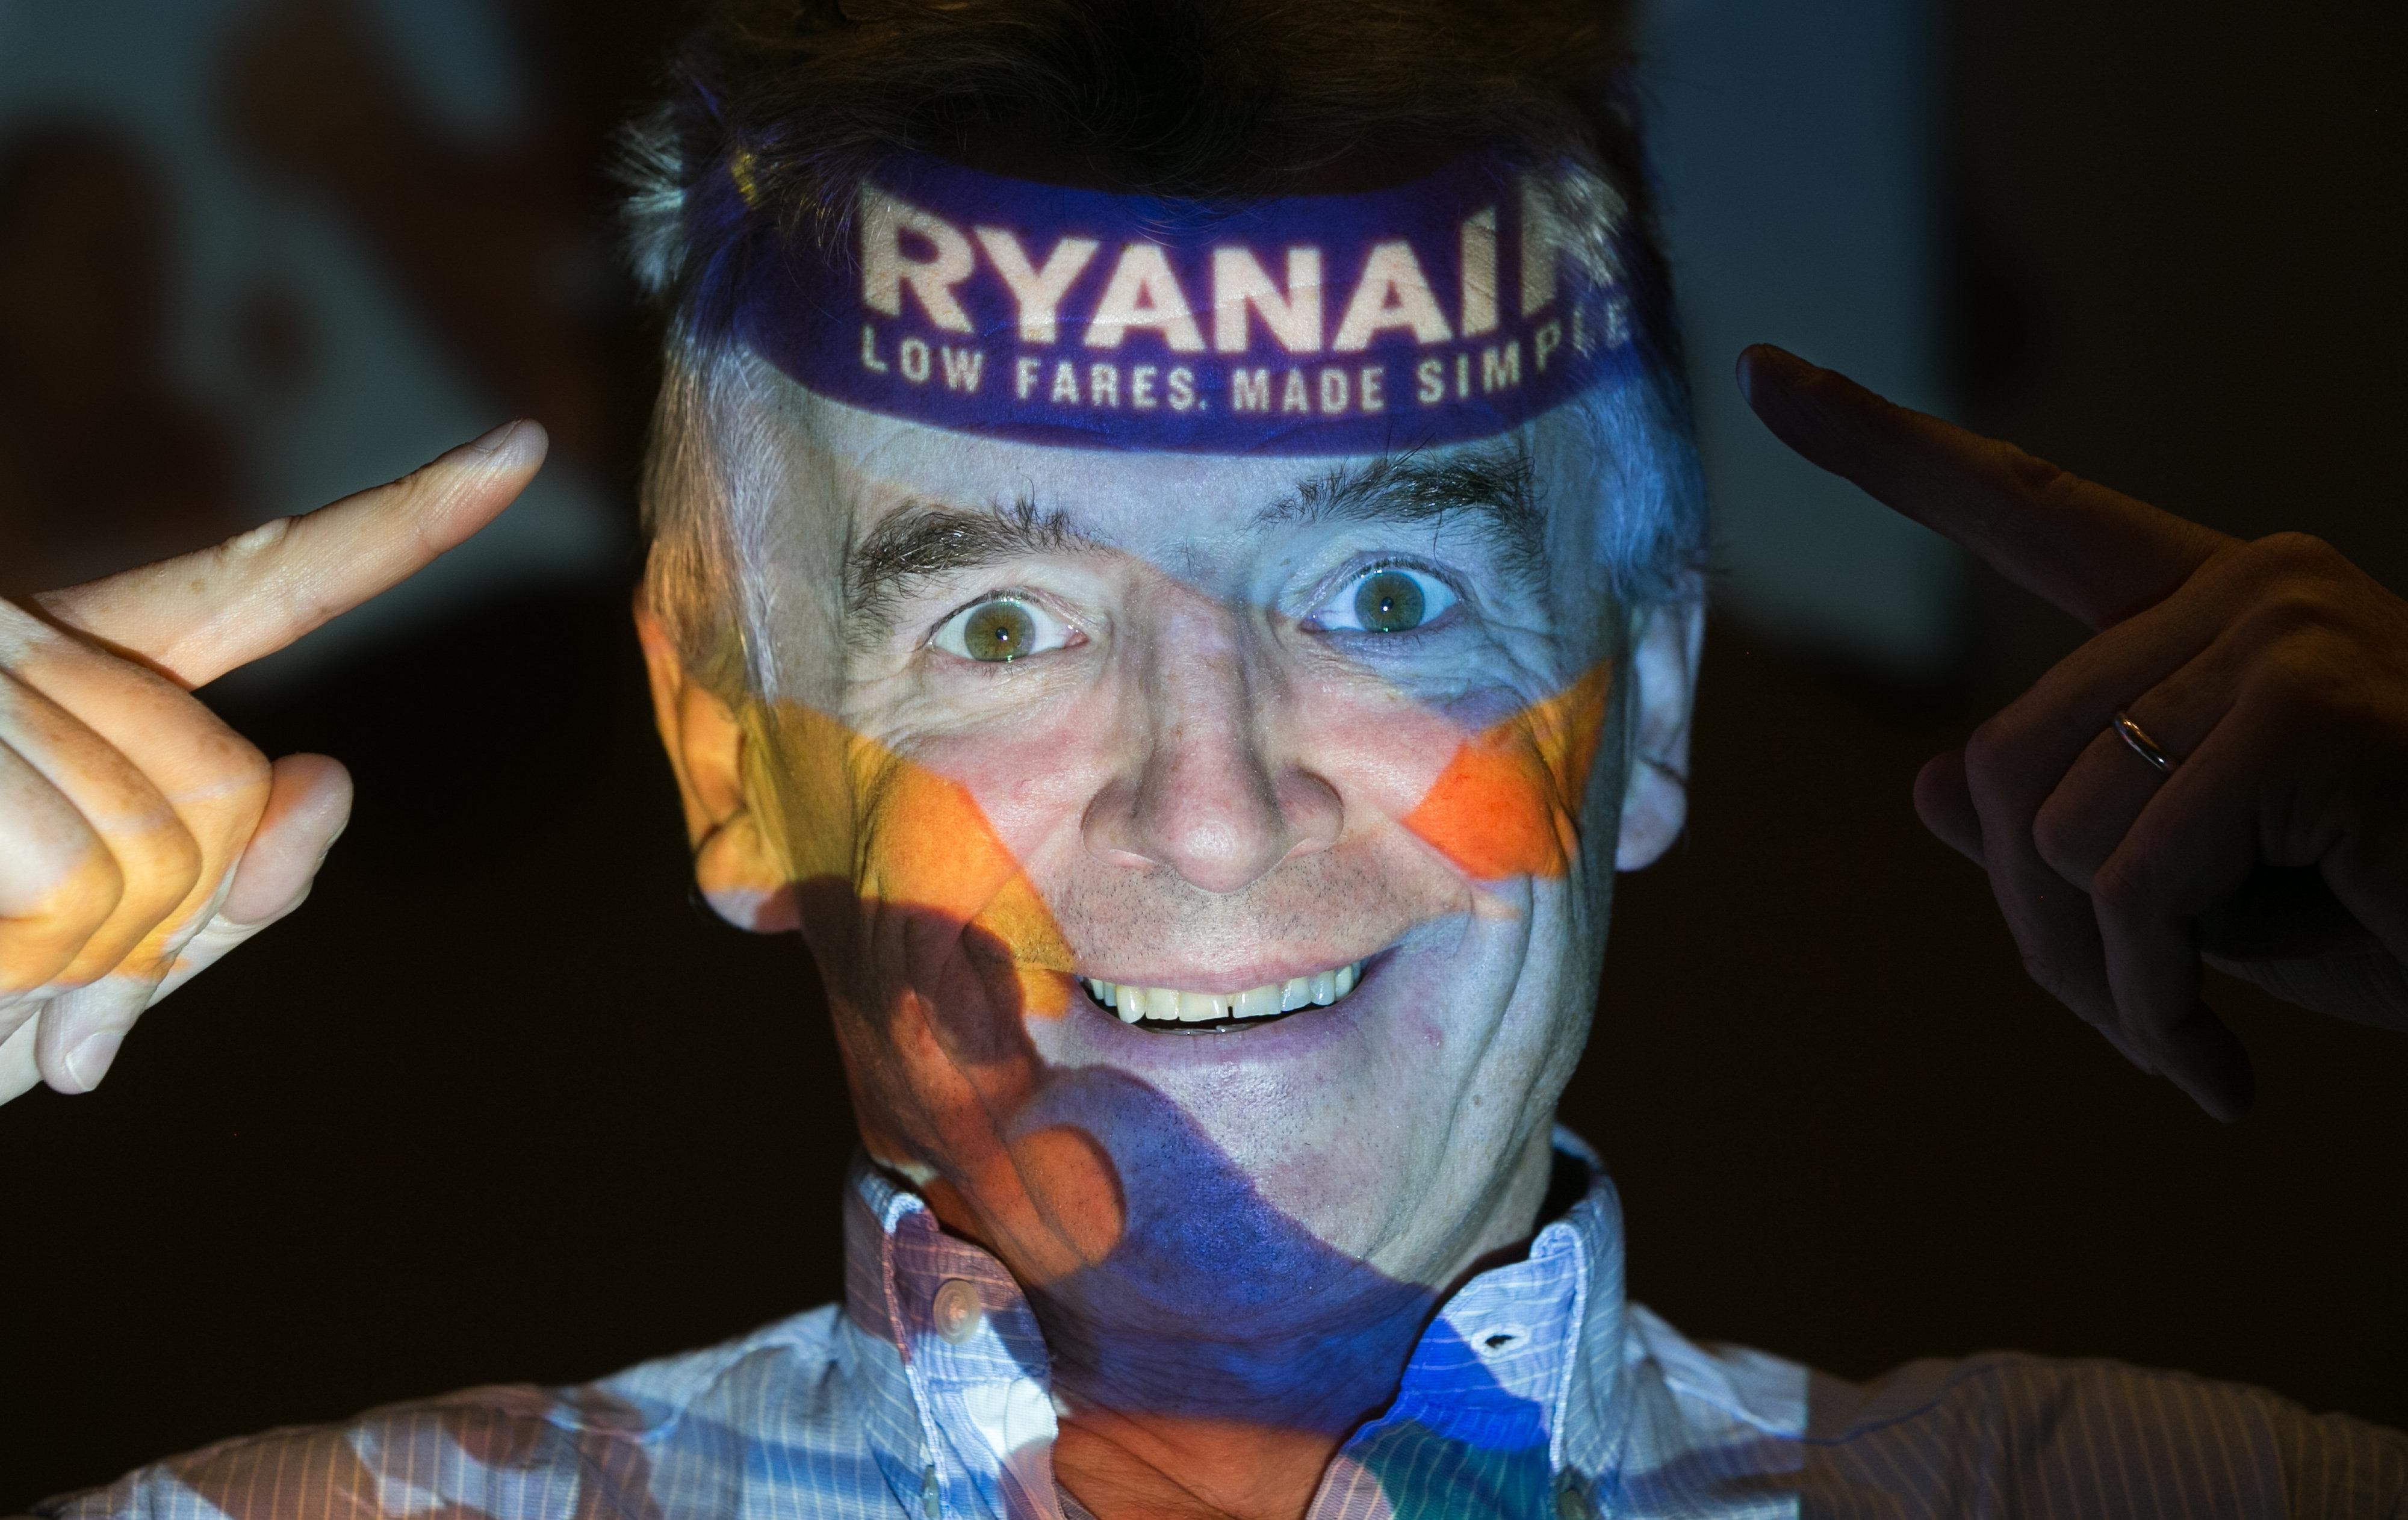 CEO da companhia aérea irlandesa Ryanair Michael O'Leary posa com o logotipo da empresa projetado em seu rosto enquanto participa de uma coletiva de imprensa em um hotel em Londres em 31 de agosto de 2016 (foto de arquivo)